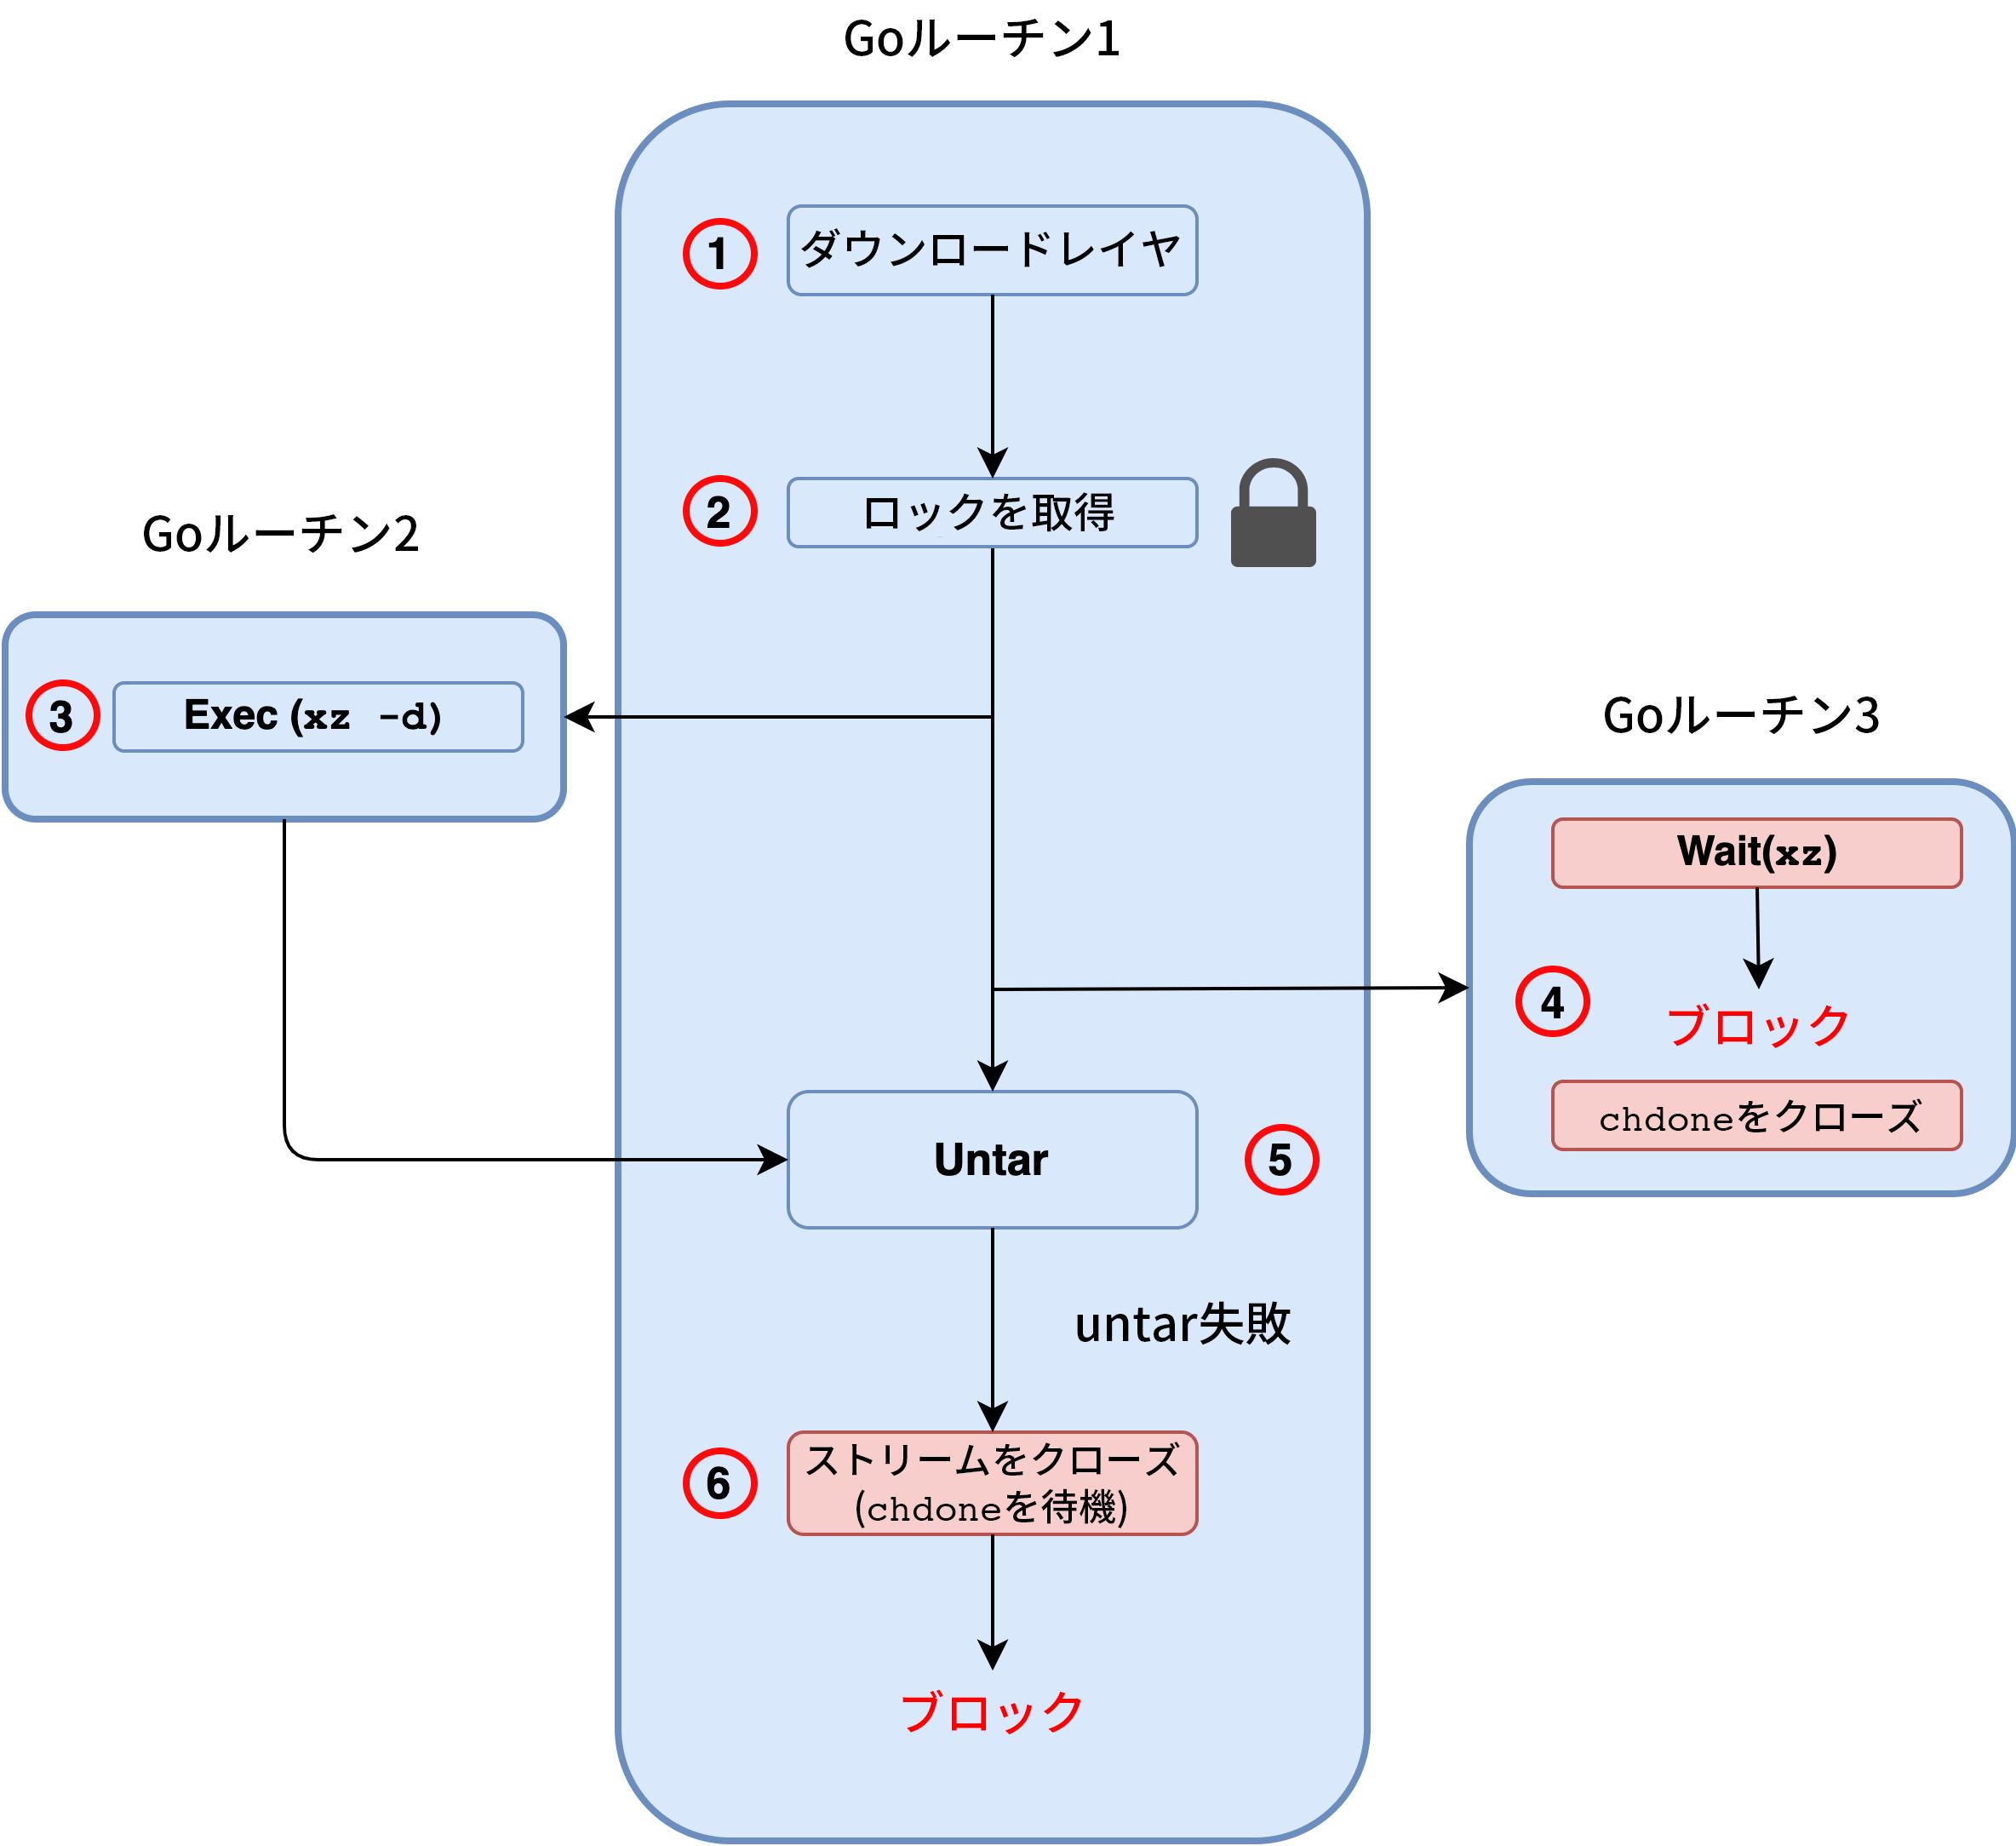 CVE-2021-20291の脆弱性実行フロー: 1) Goルーチン1のダウンロードレイヤ、2) ロックを取得、3) Goルーチン2およびExec(xz -d)への移動、4) Goルーチン3のWait(xz) 、ブロック、chdoneをクローズ、5) Untar、untar失敗、6) ストリームをクローズ(chdoneを待機)、ブロック